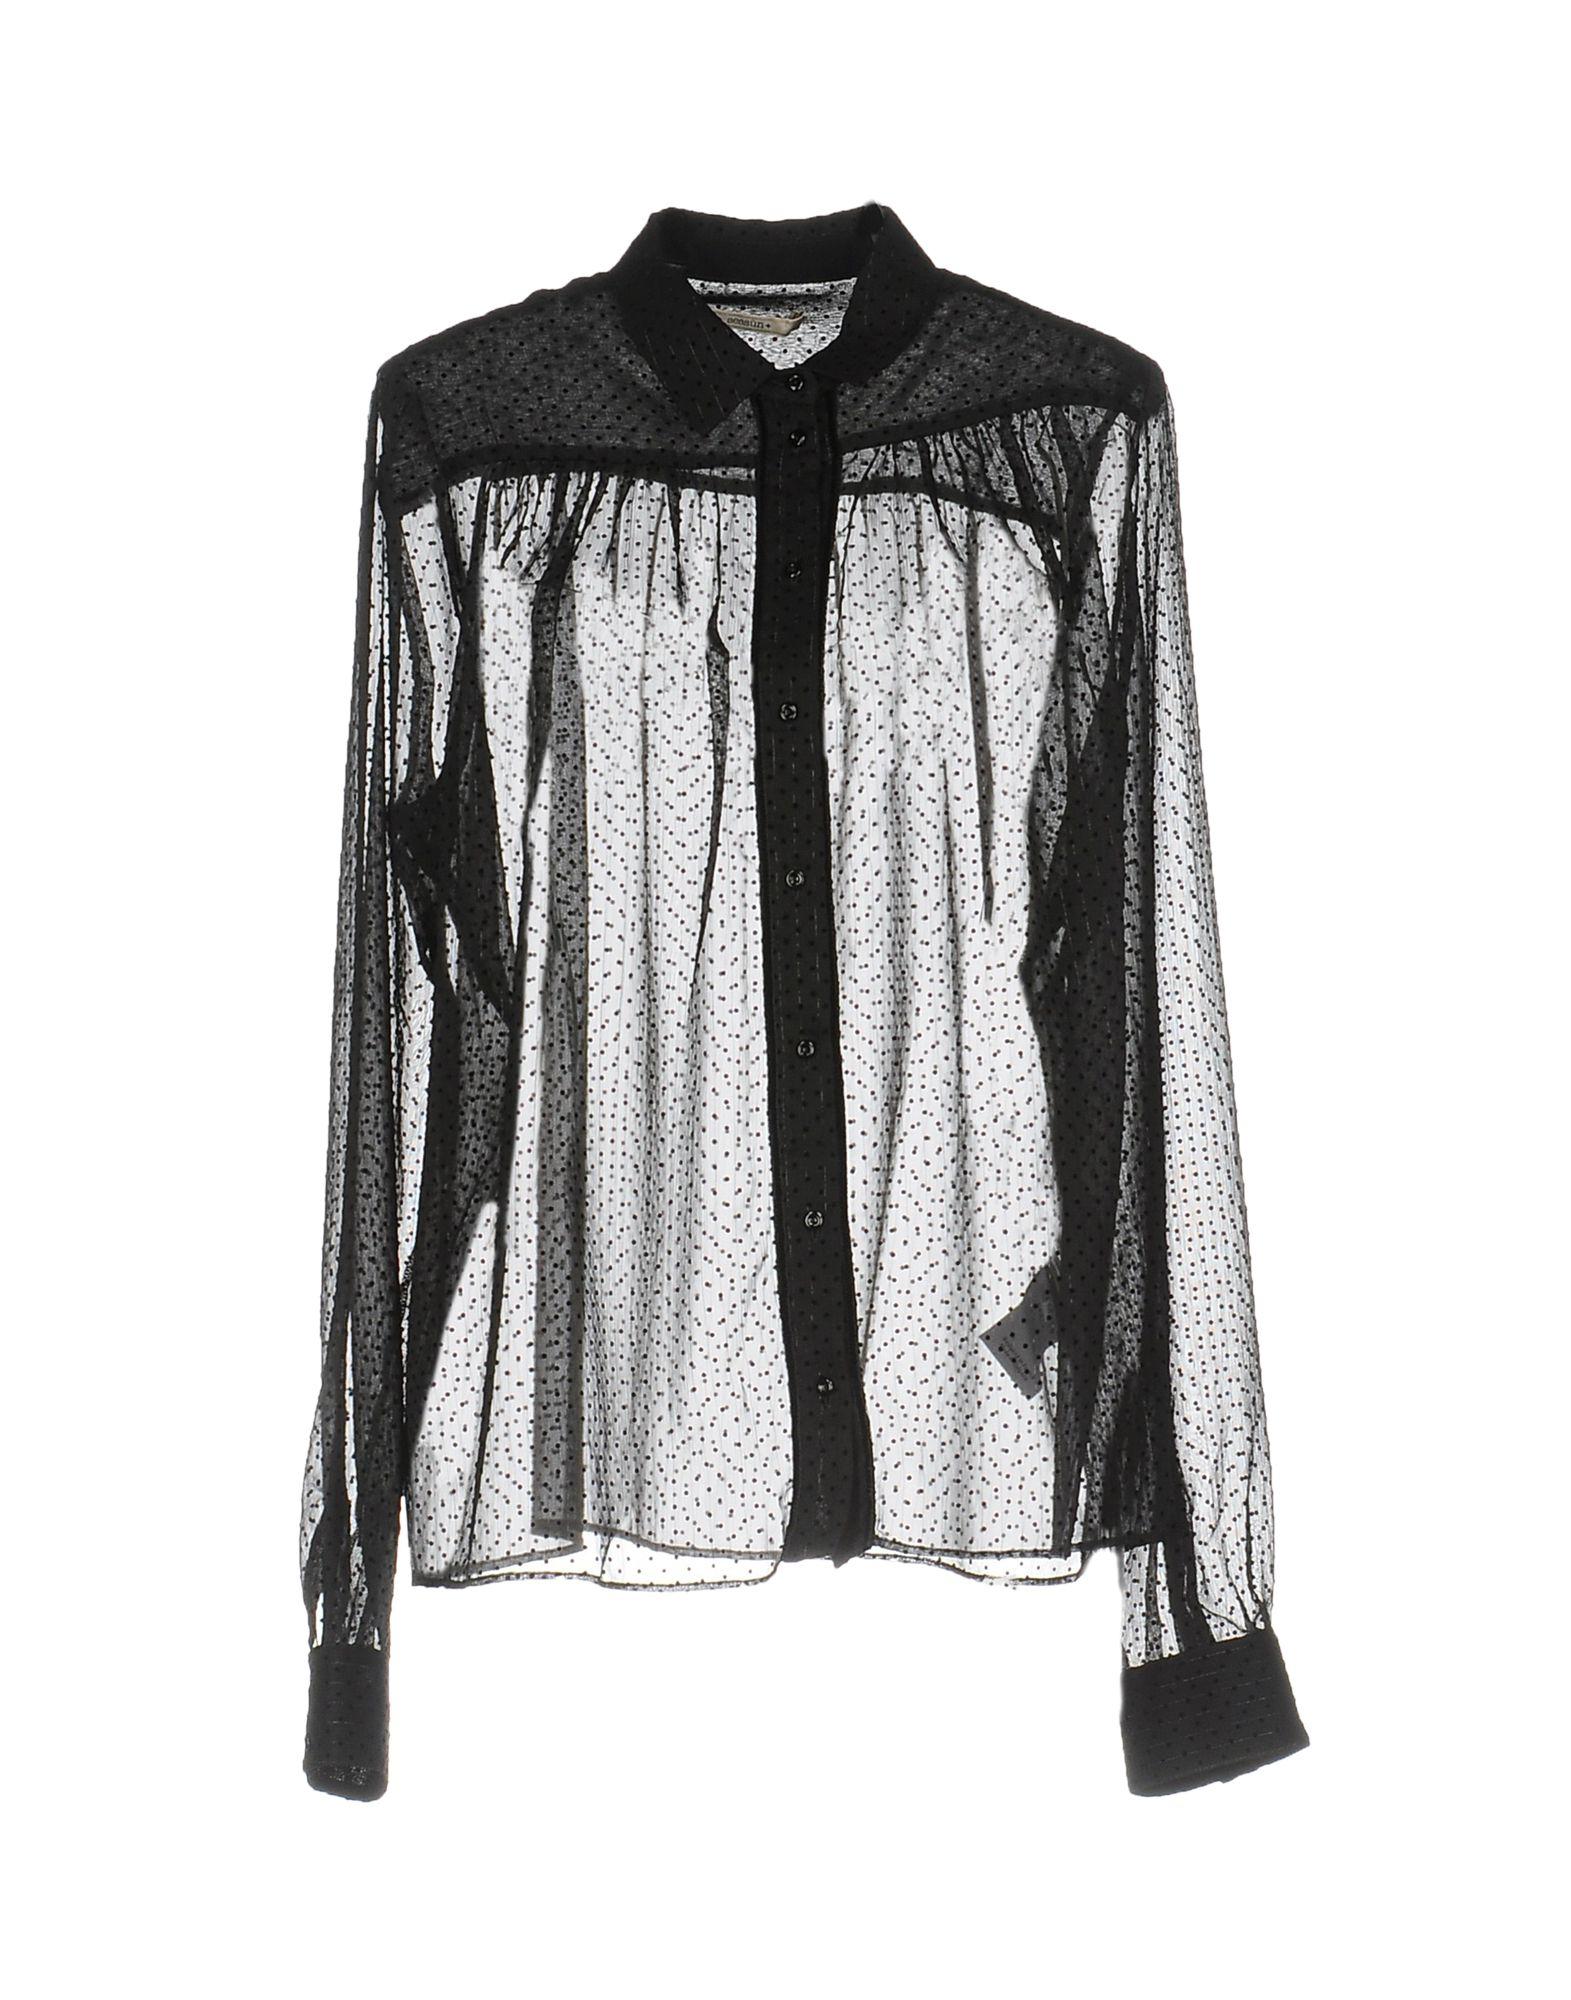 《送料無料》SESSUN レディース シャツ ブラック L ポリエステル 100%